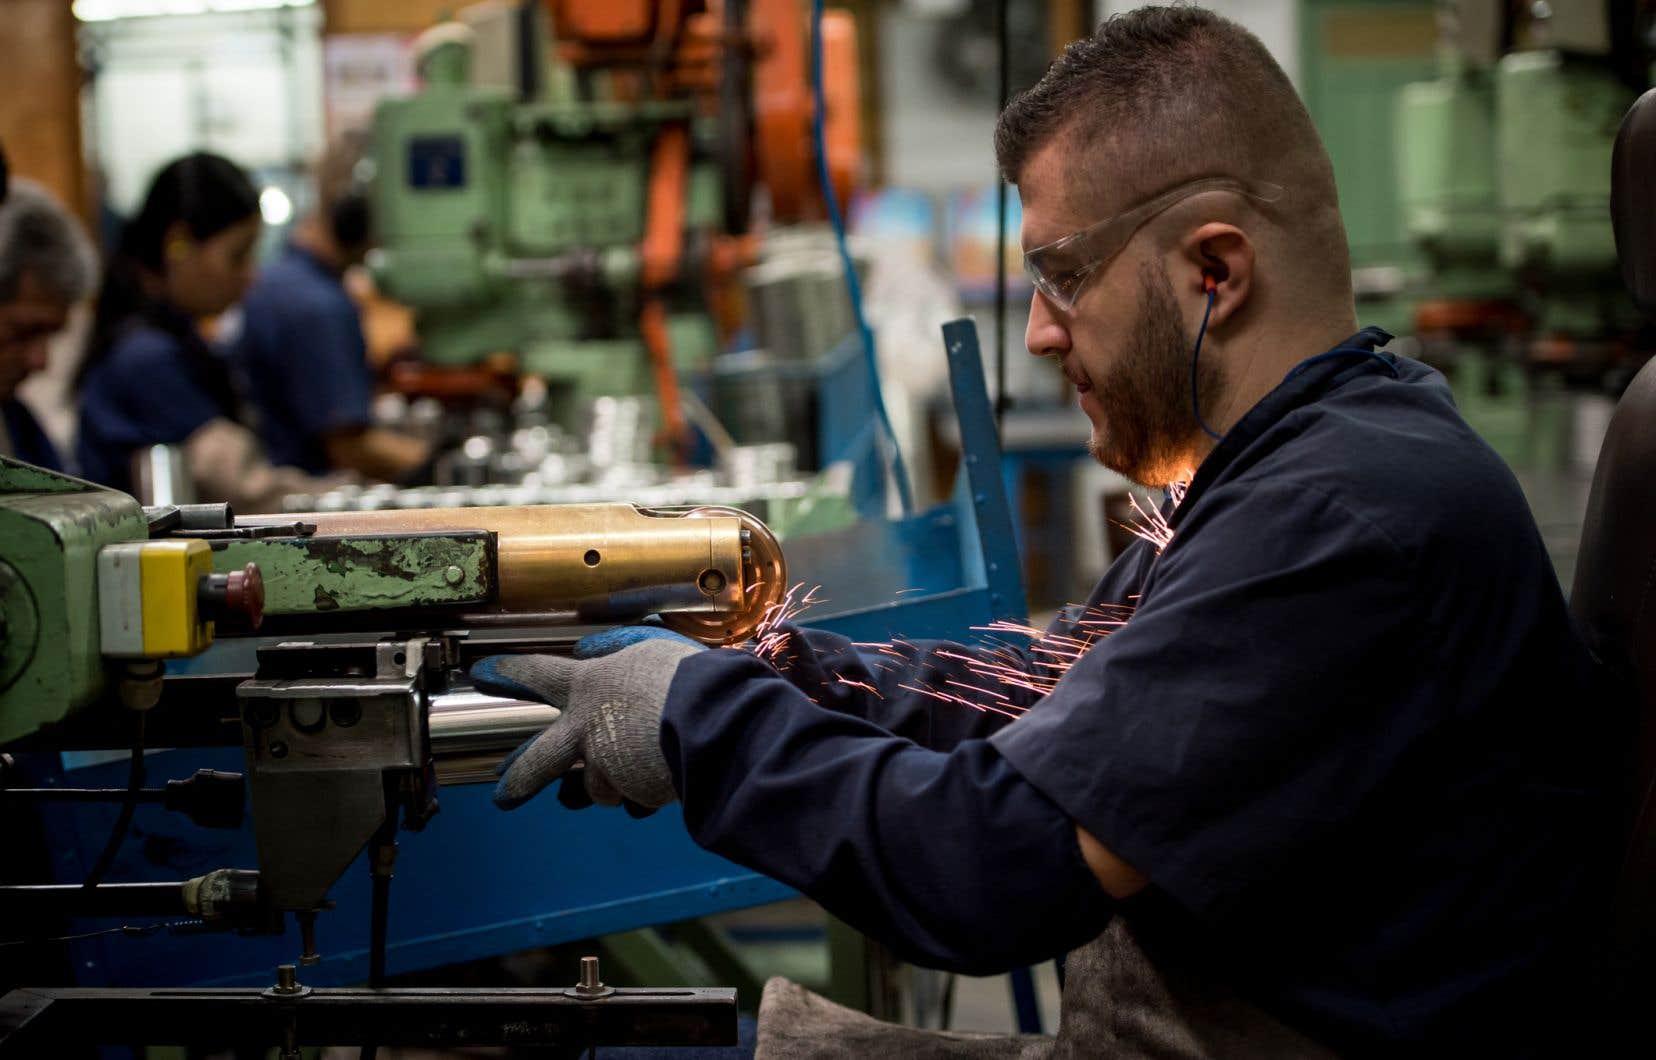 Le poids relatif des emplois manufacturiers recule partout, selon le FMI.